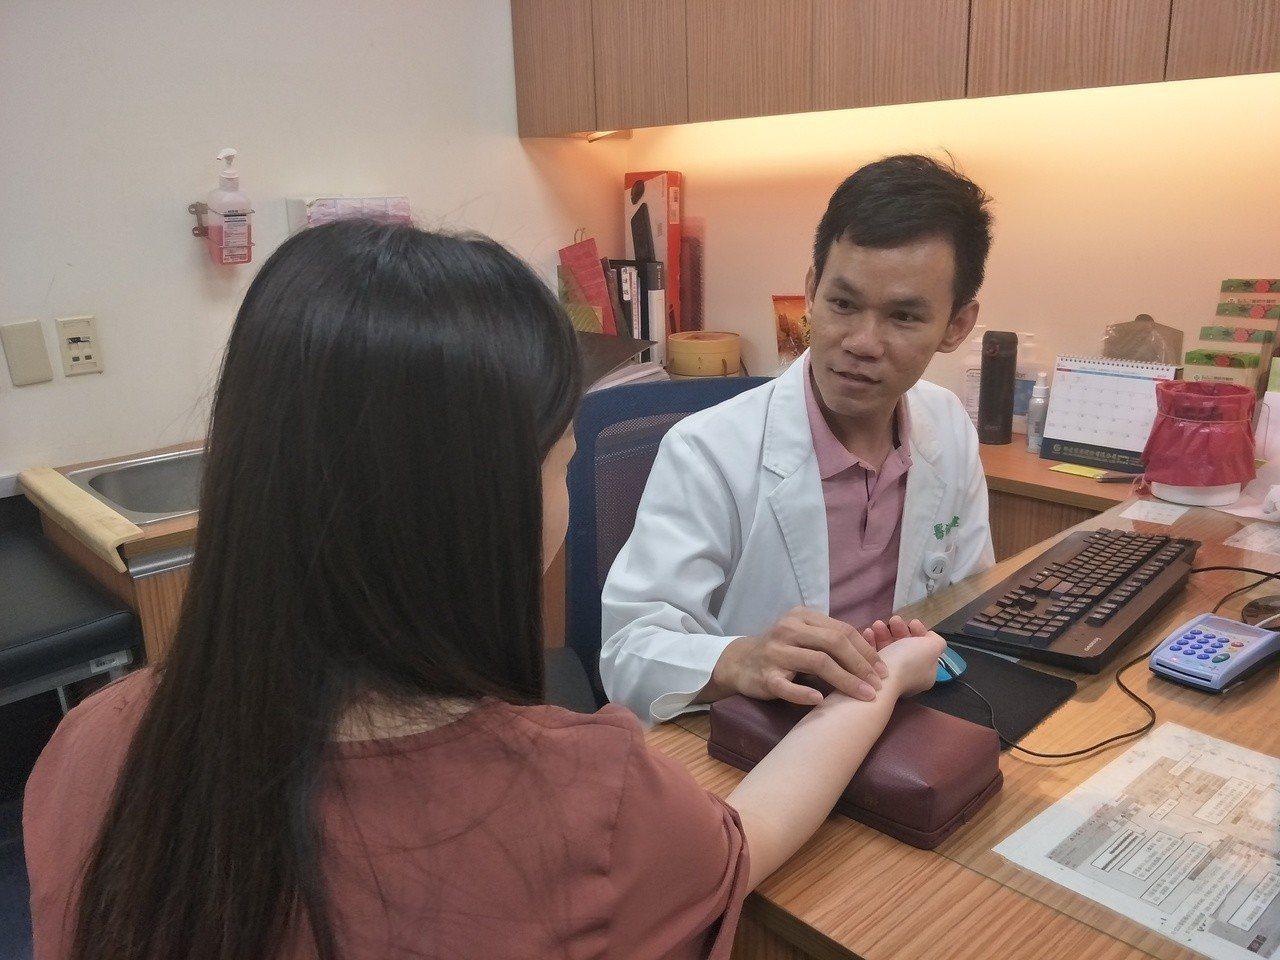 童綜合醫院中醫科醫師陳建雄指出,許多第二型糖尿病患者早期沒有明顯症狀,加上對自身...